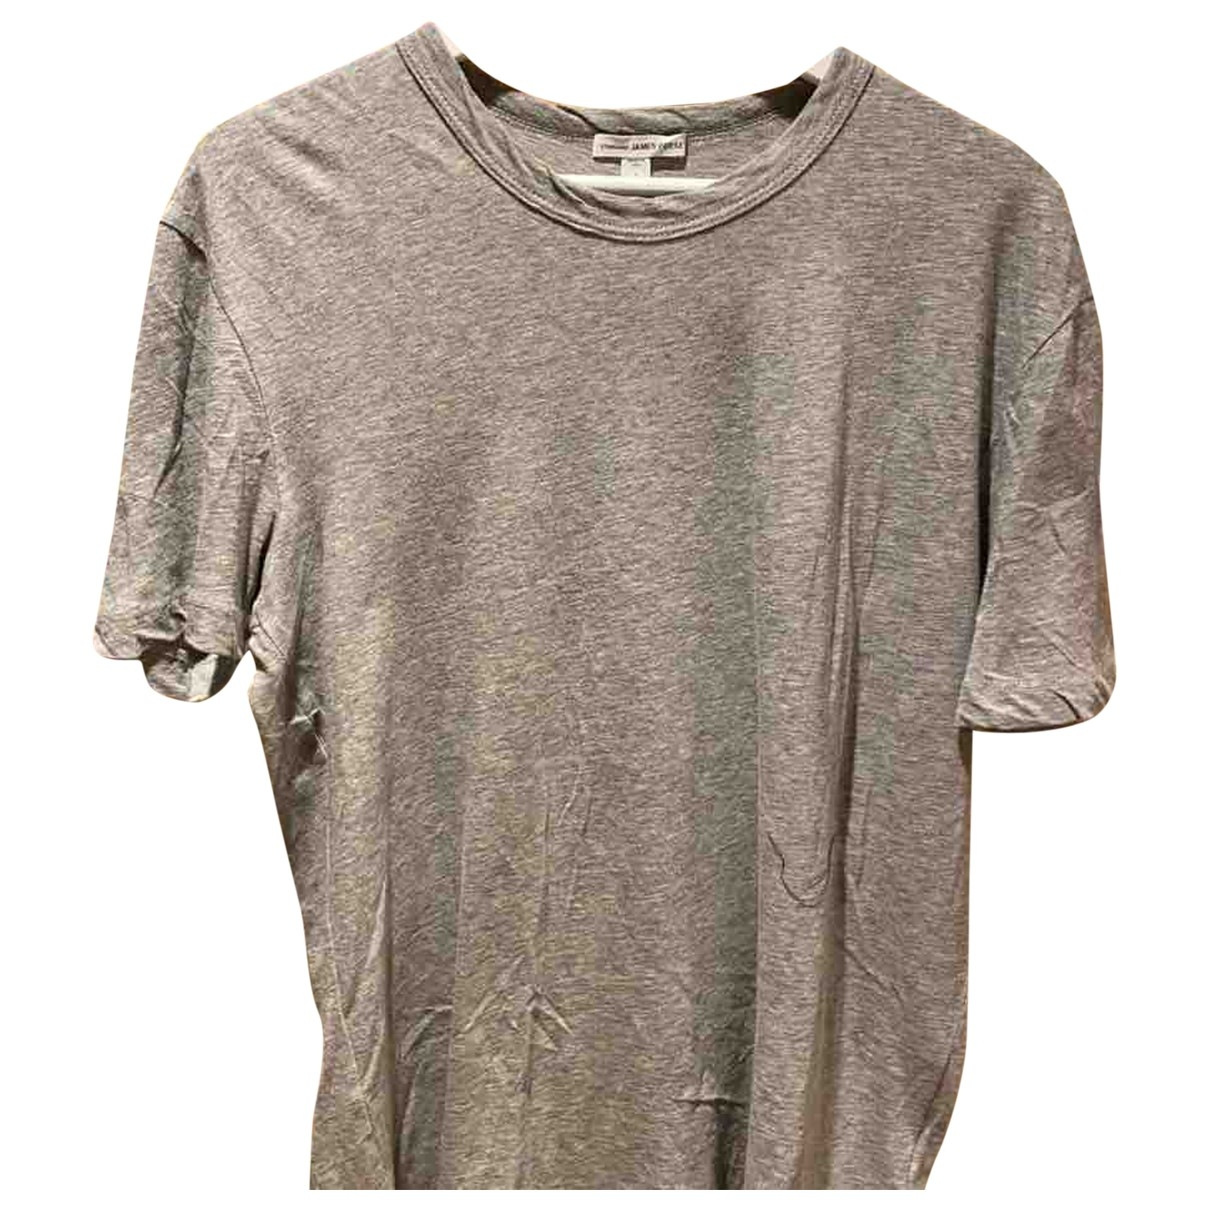 James Perse - Tee shirts   pour homme en coton - gris